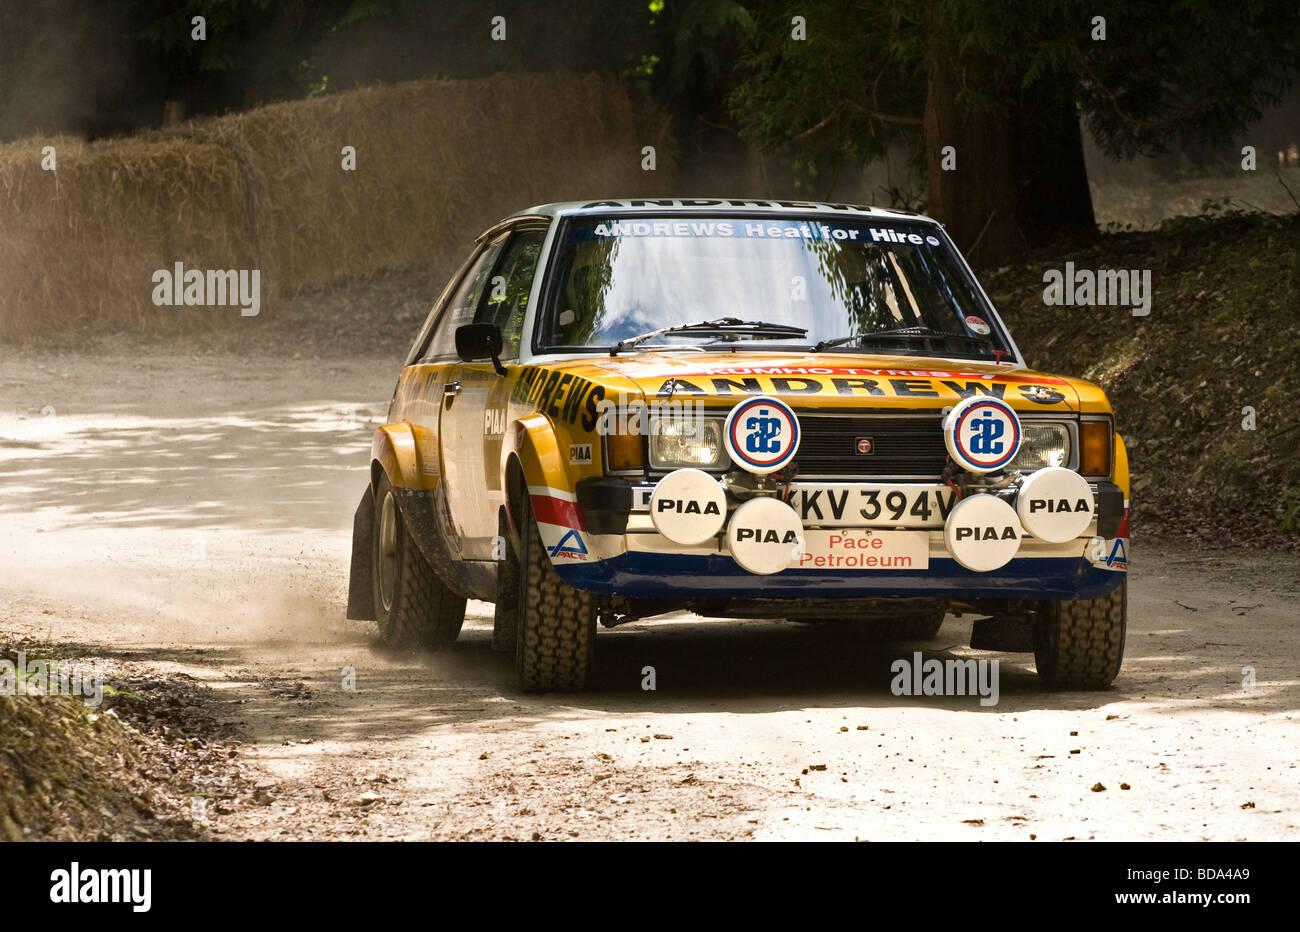 1981 Talbot Sunbeam Lotus sur la forêt à l'étape de rallye Goodwood Festival of Speed, Sussex, UK. Pilote: Russell Banque D'Images